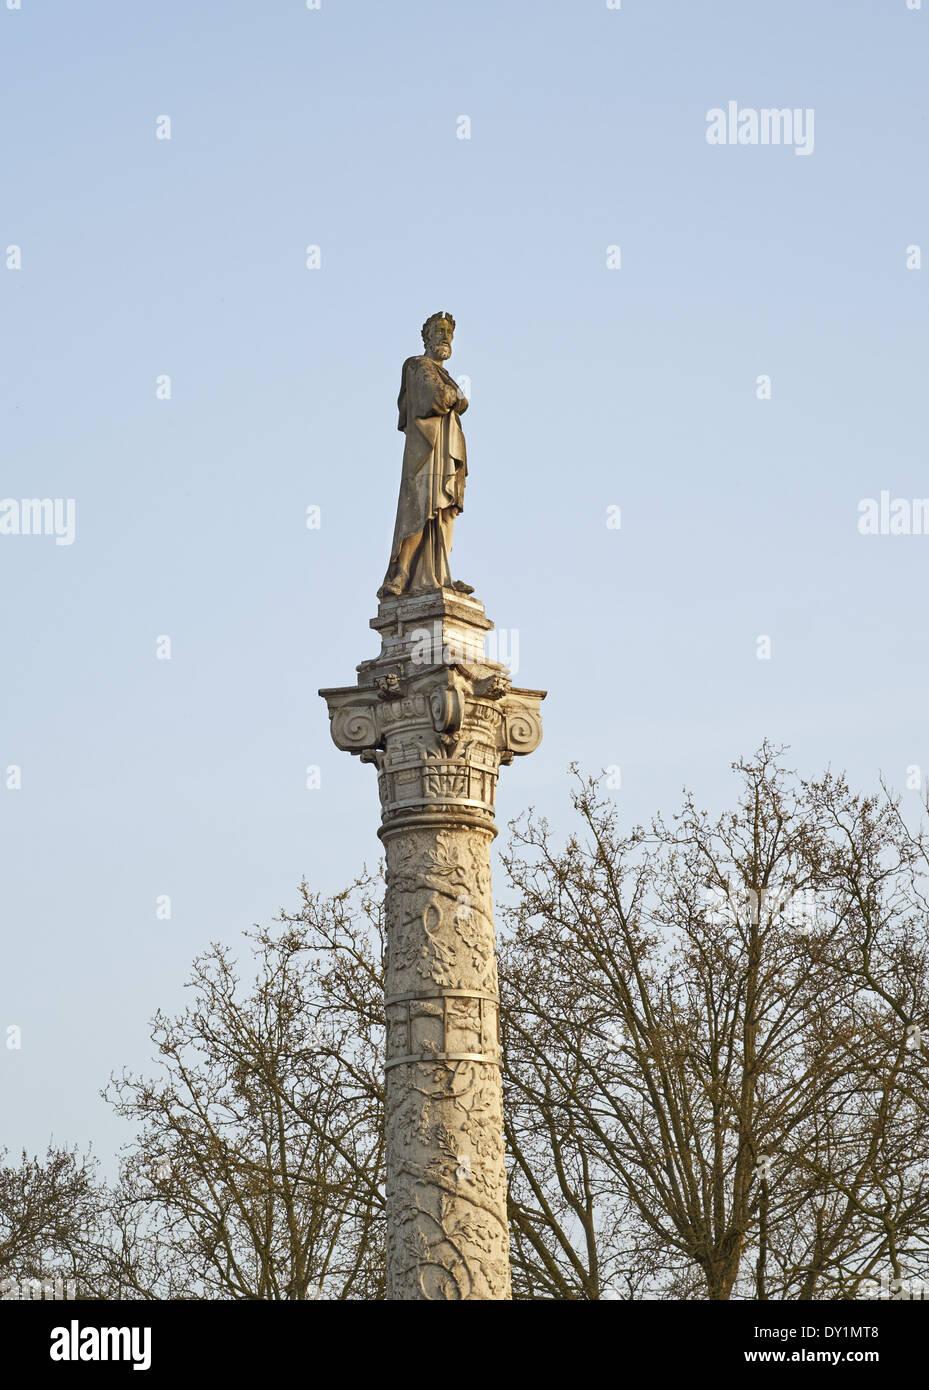 Ferrara, Italy. 16th century column in Piazza Ariostea designed by Ercole Grandi, with statue of Ludovico Ariosto - Stock Image